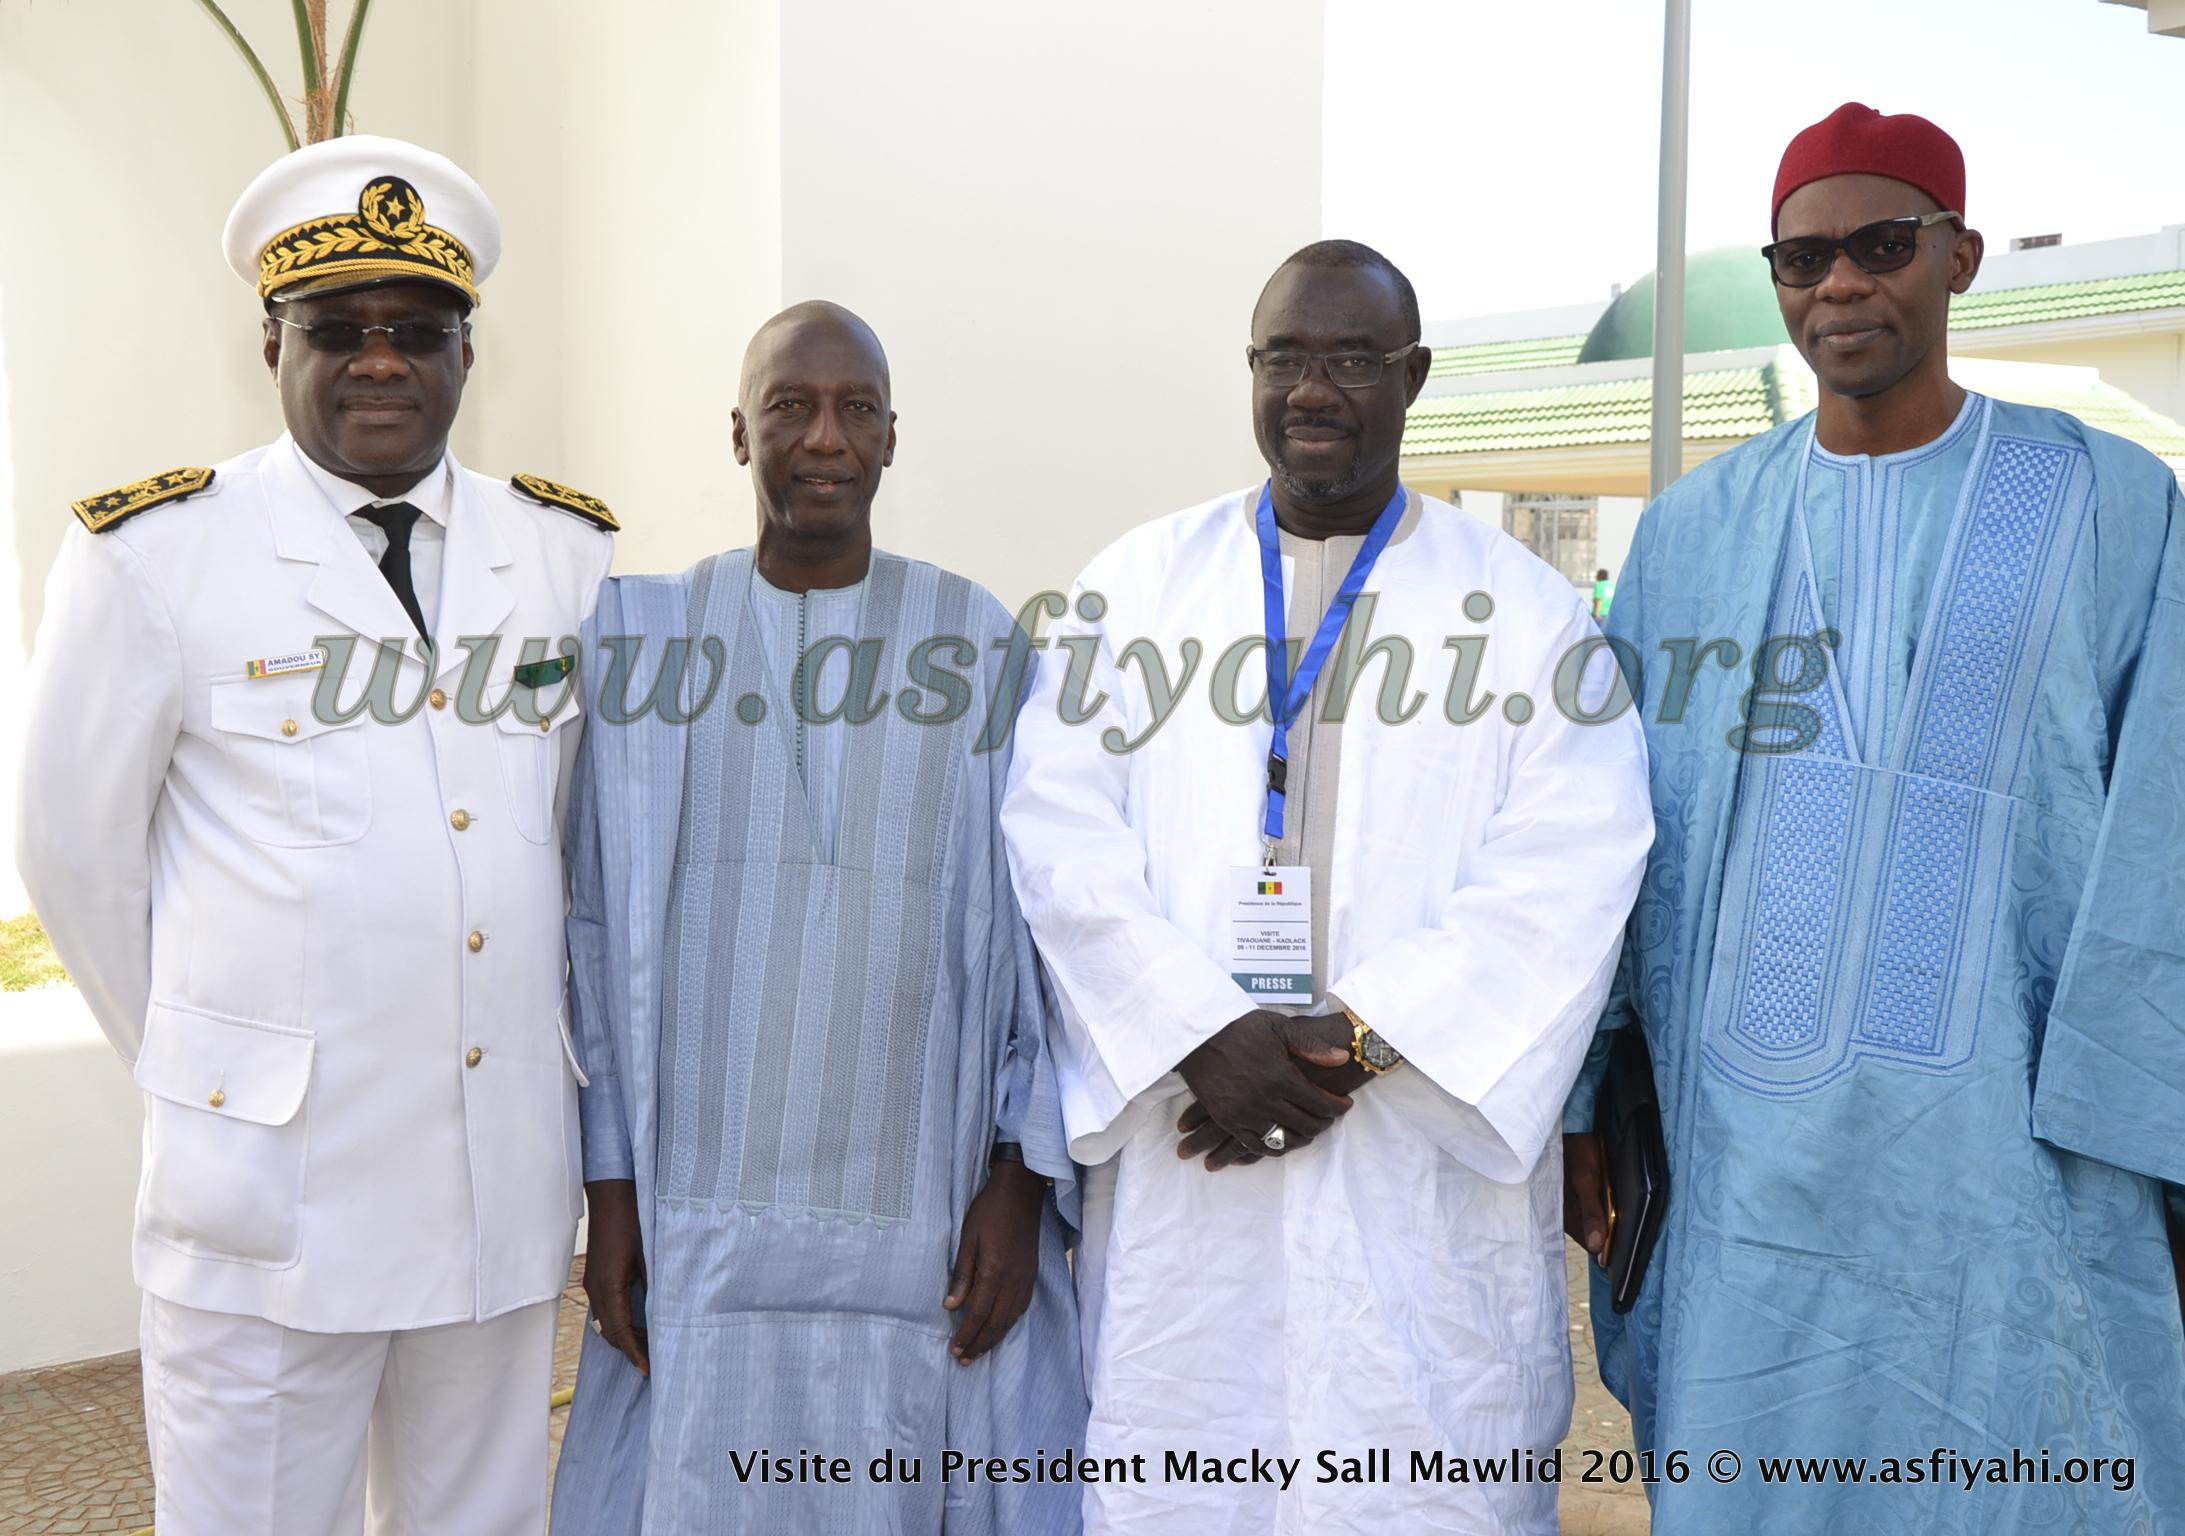 PHOTOS - Les Images de la Visite du President Macky Sall à Tivaouane - SUITE